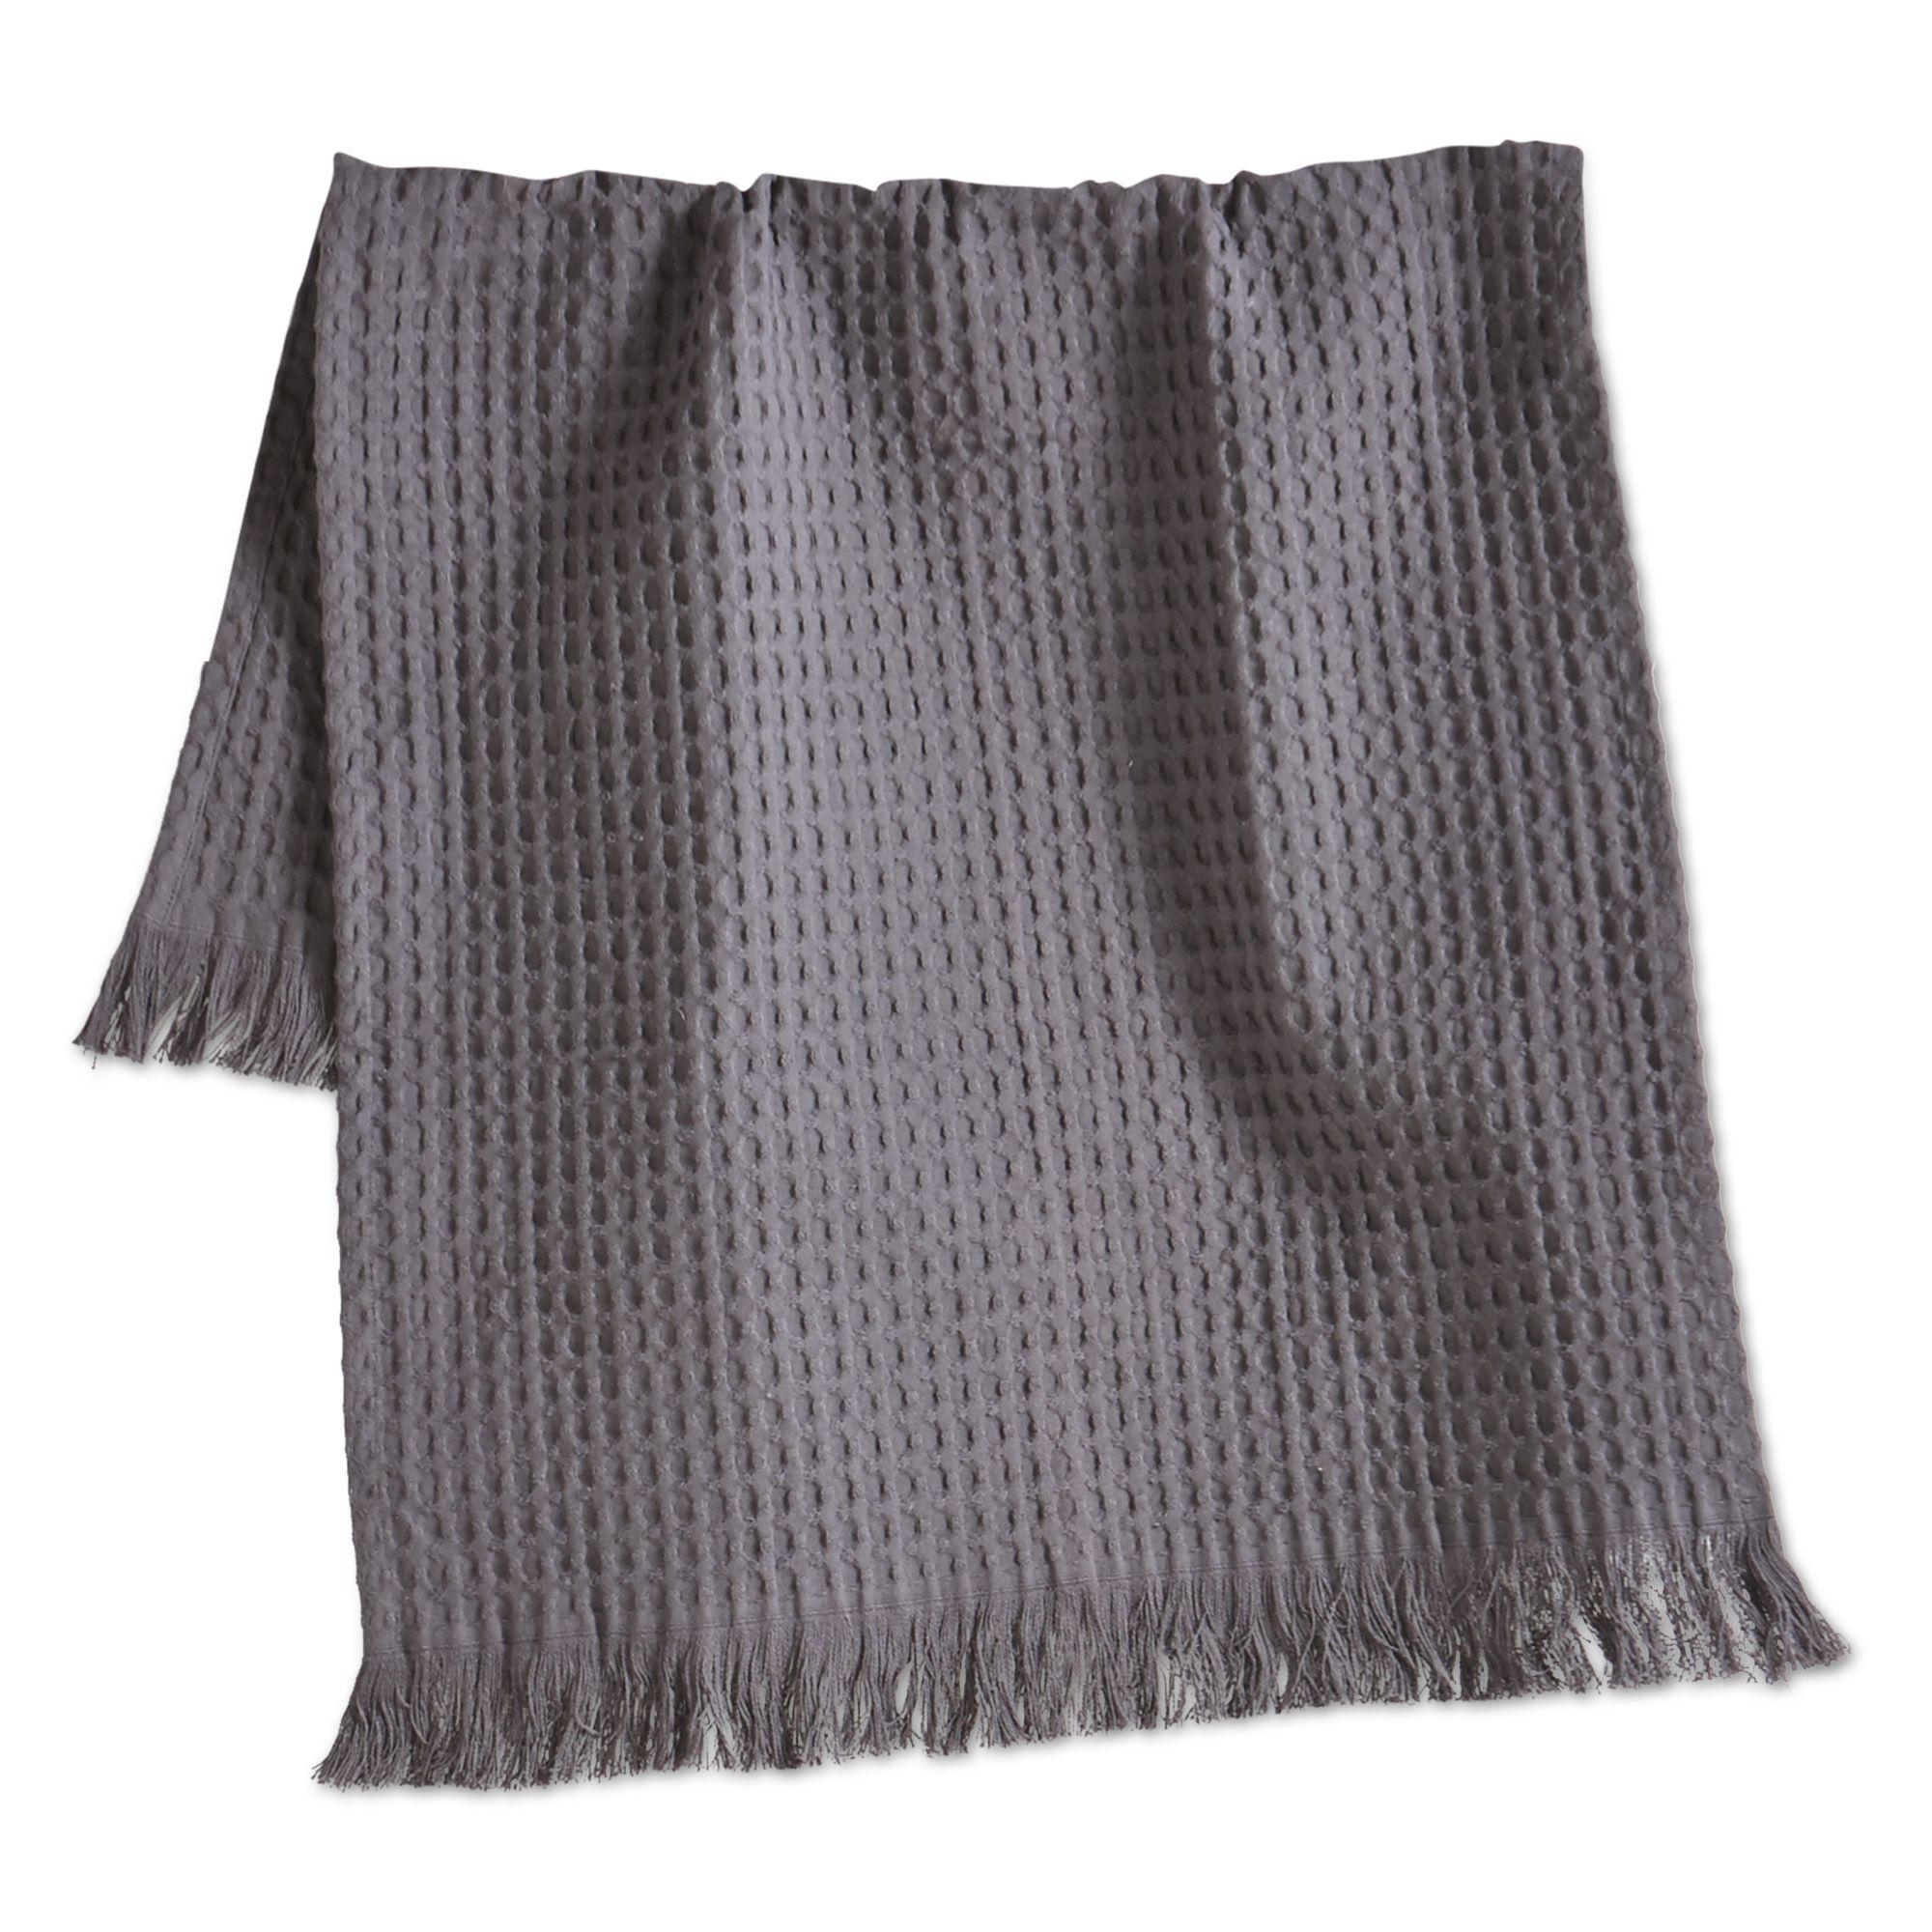 Oversized Waffle Weave Fringed Cotton Dishtowel Gray Gray 205270